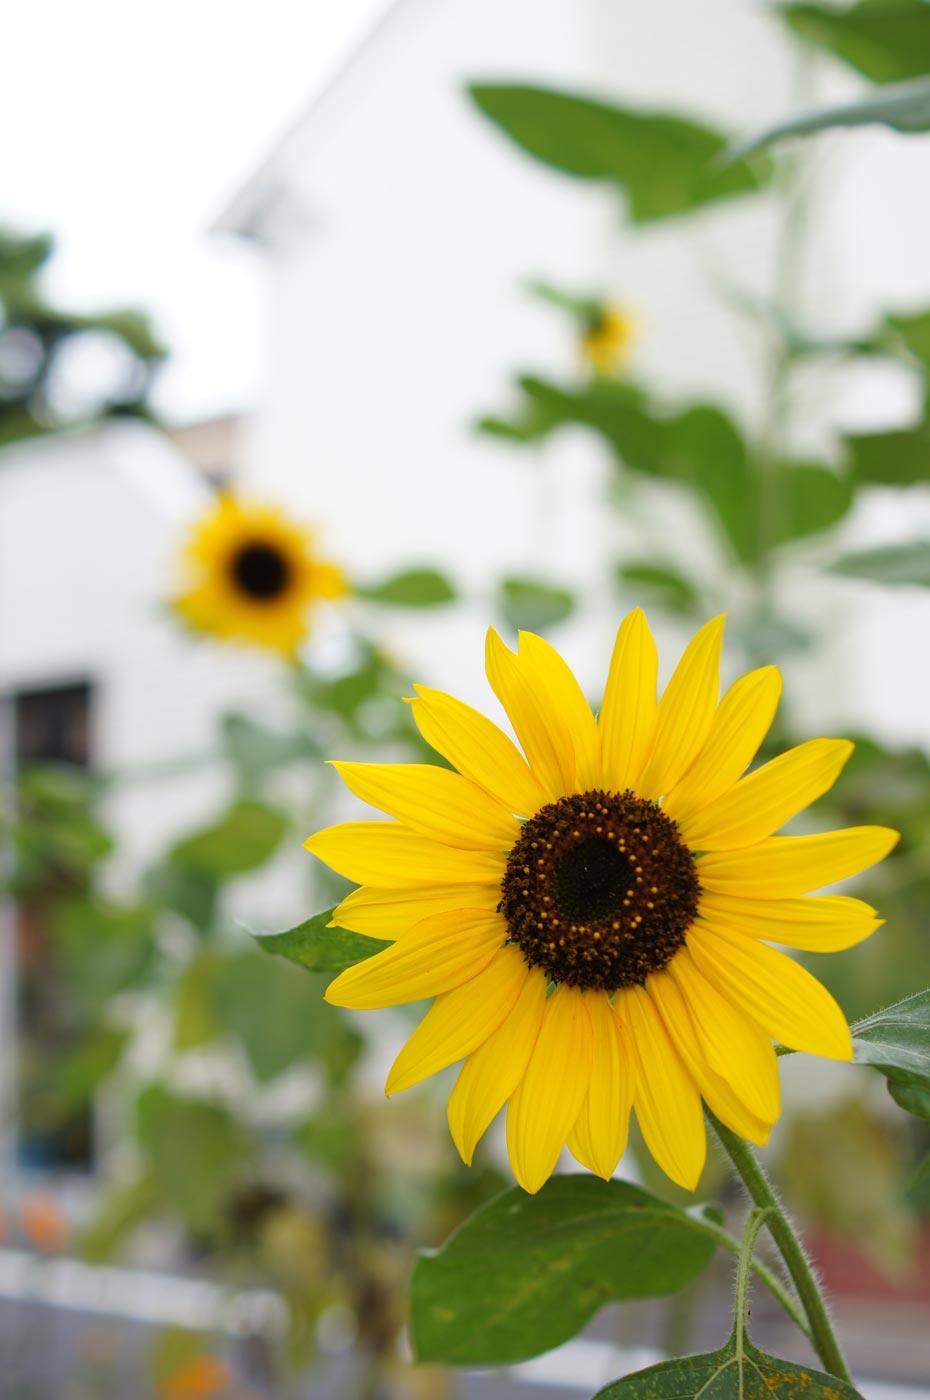 sunflower_e0216133_238457.jpg